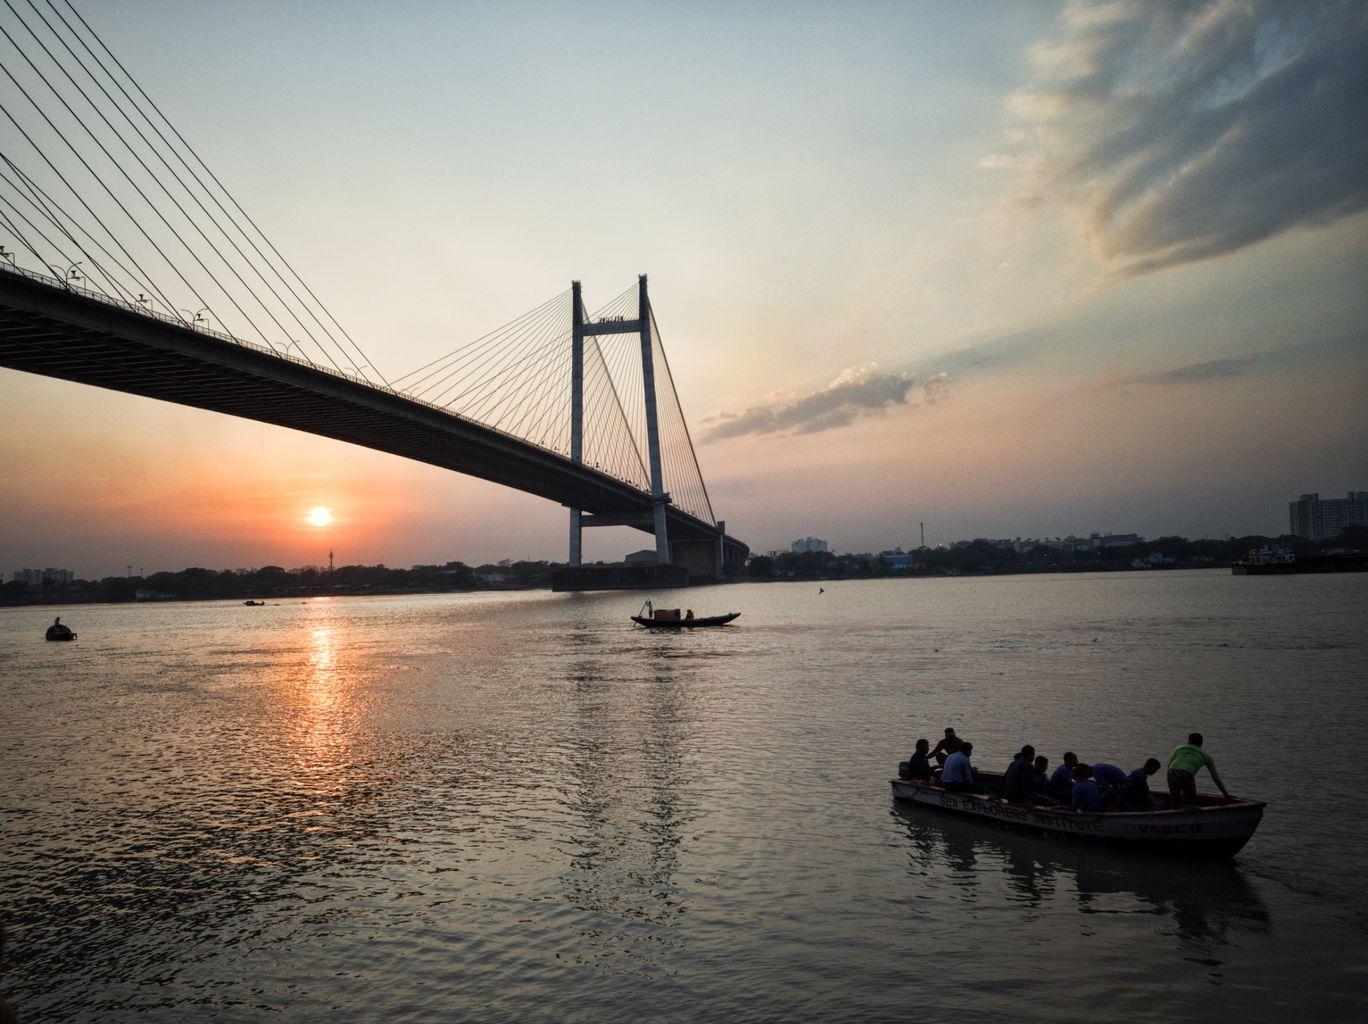 Photo of Kolkata By Harsh Jain